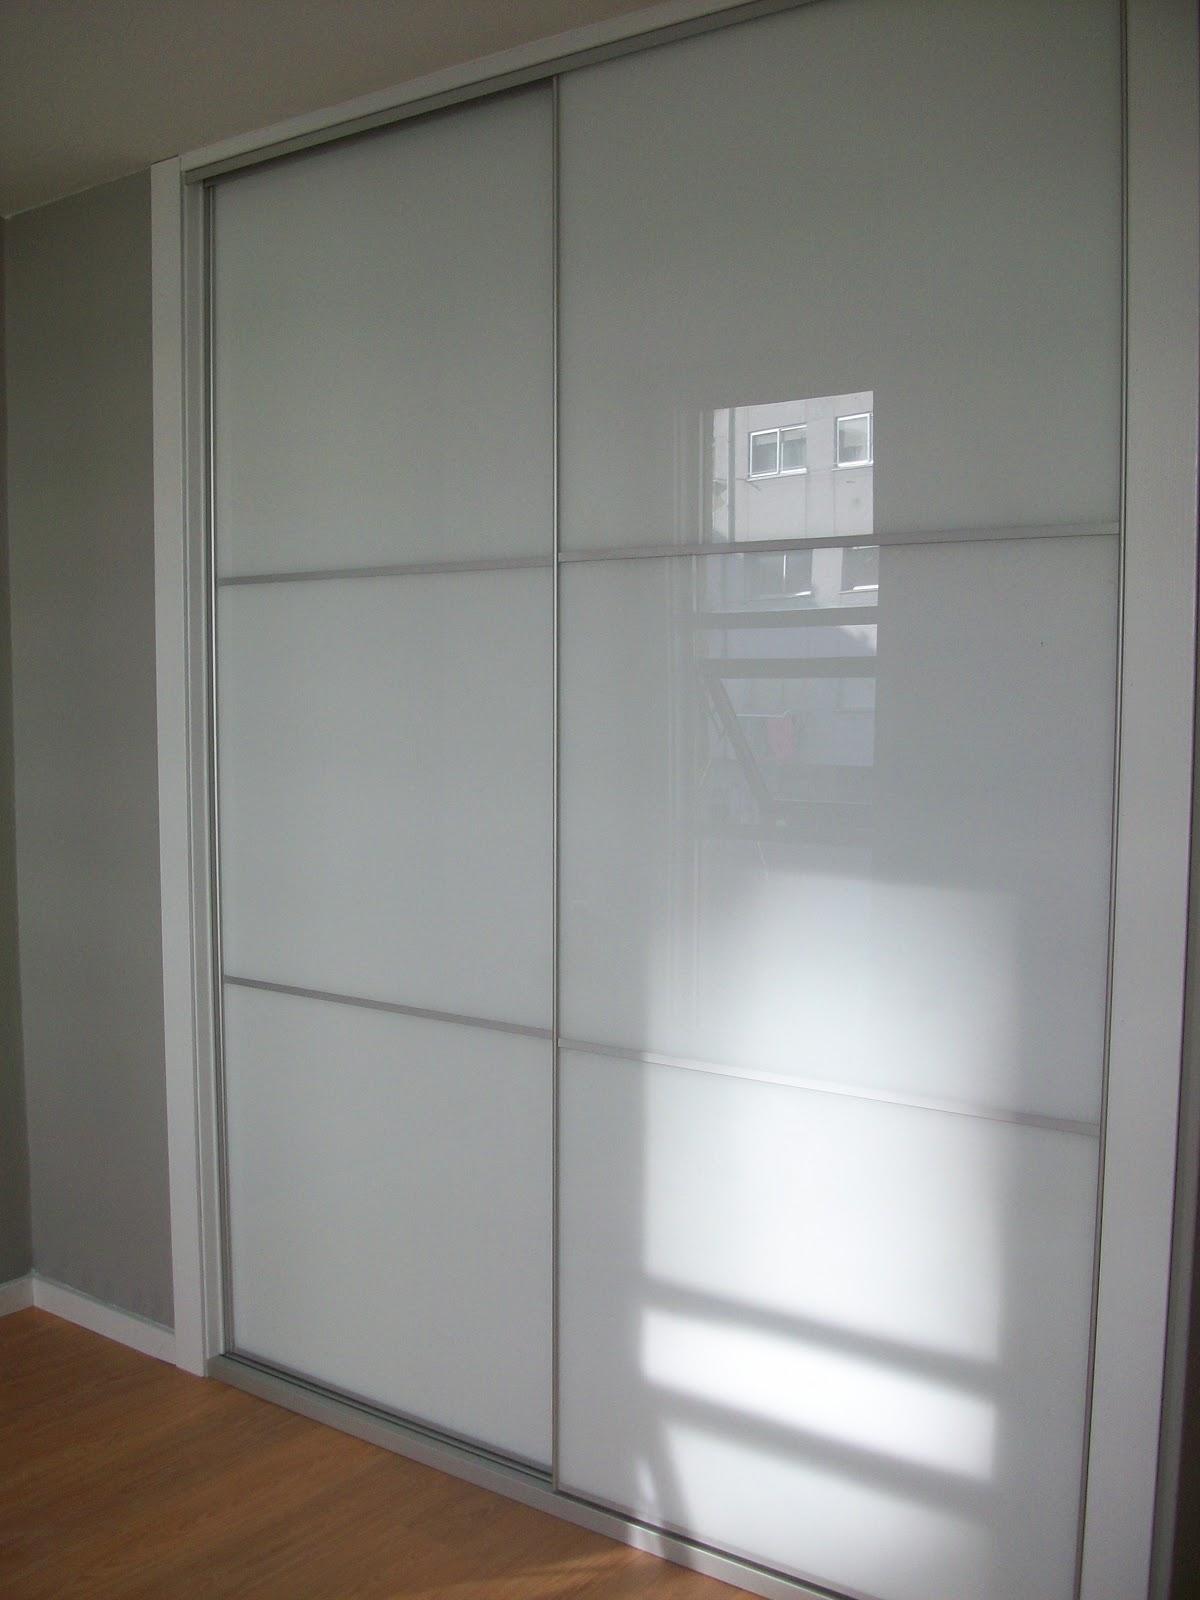 Sfc Muebles Sostenibles Y Creativos Armarios - Armarios-empotrados-de-aluminio